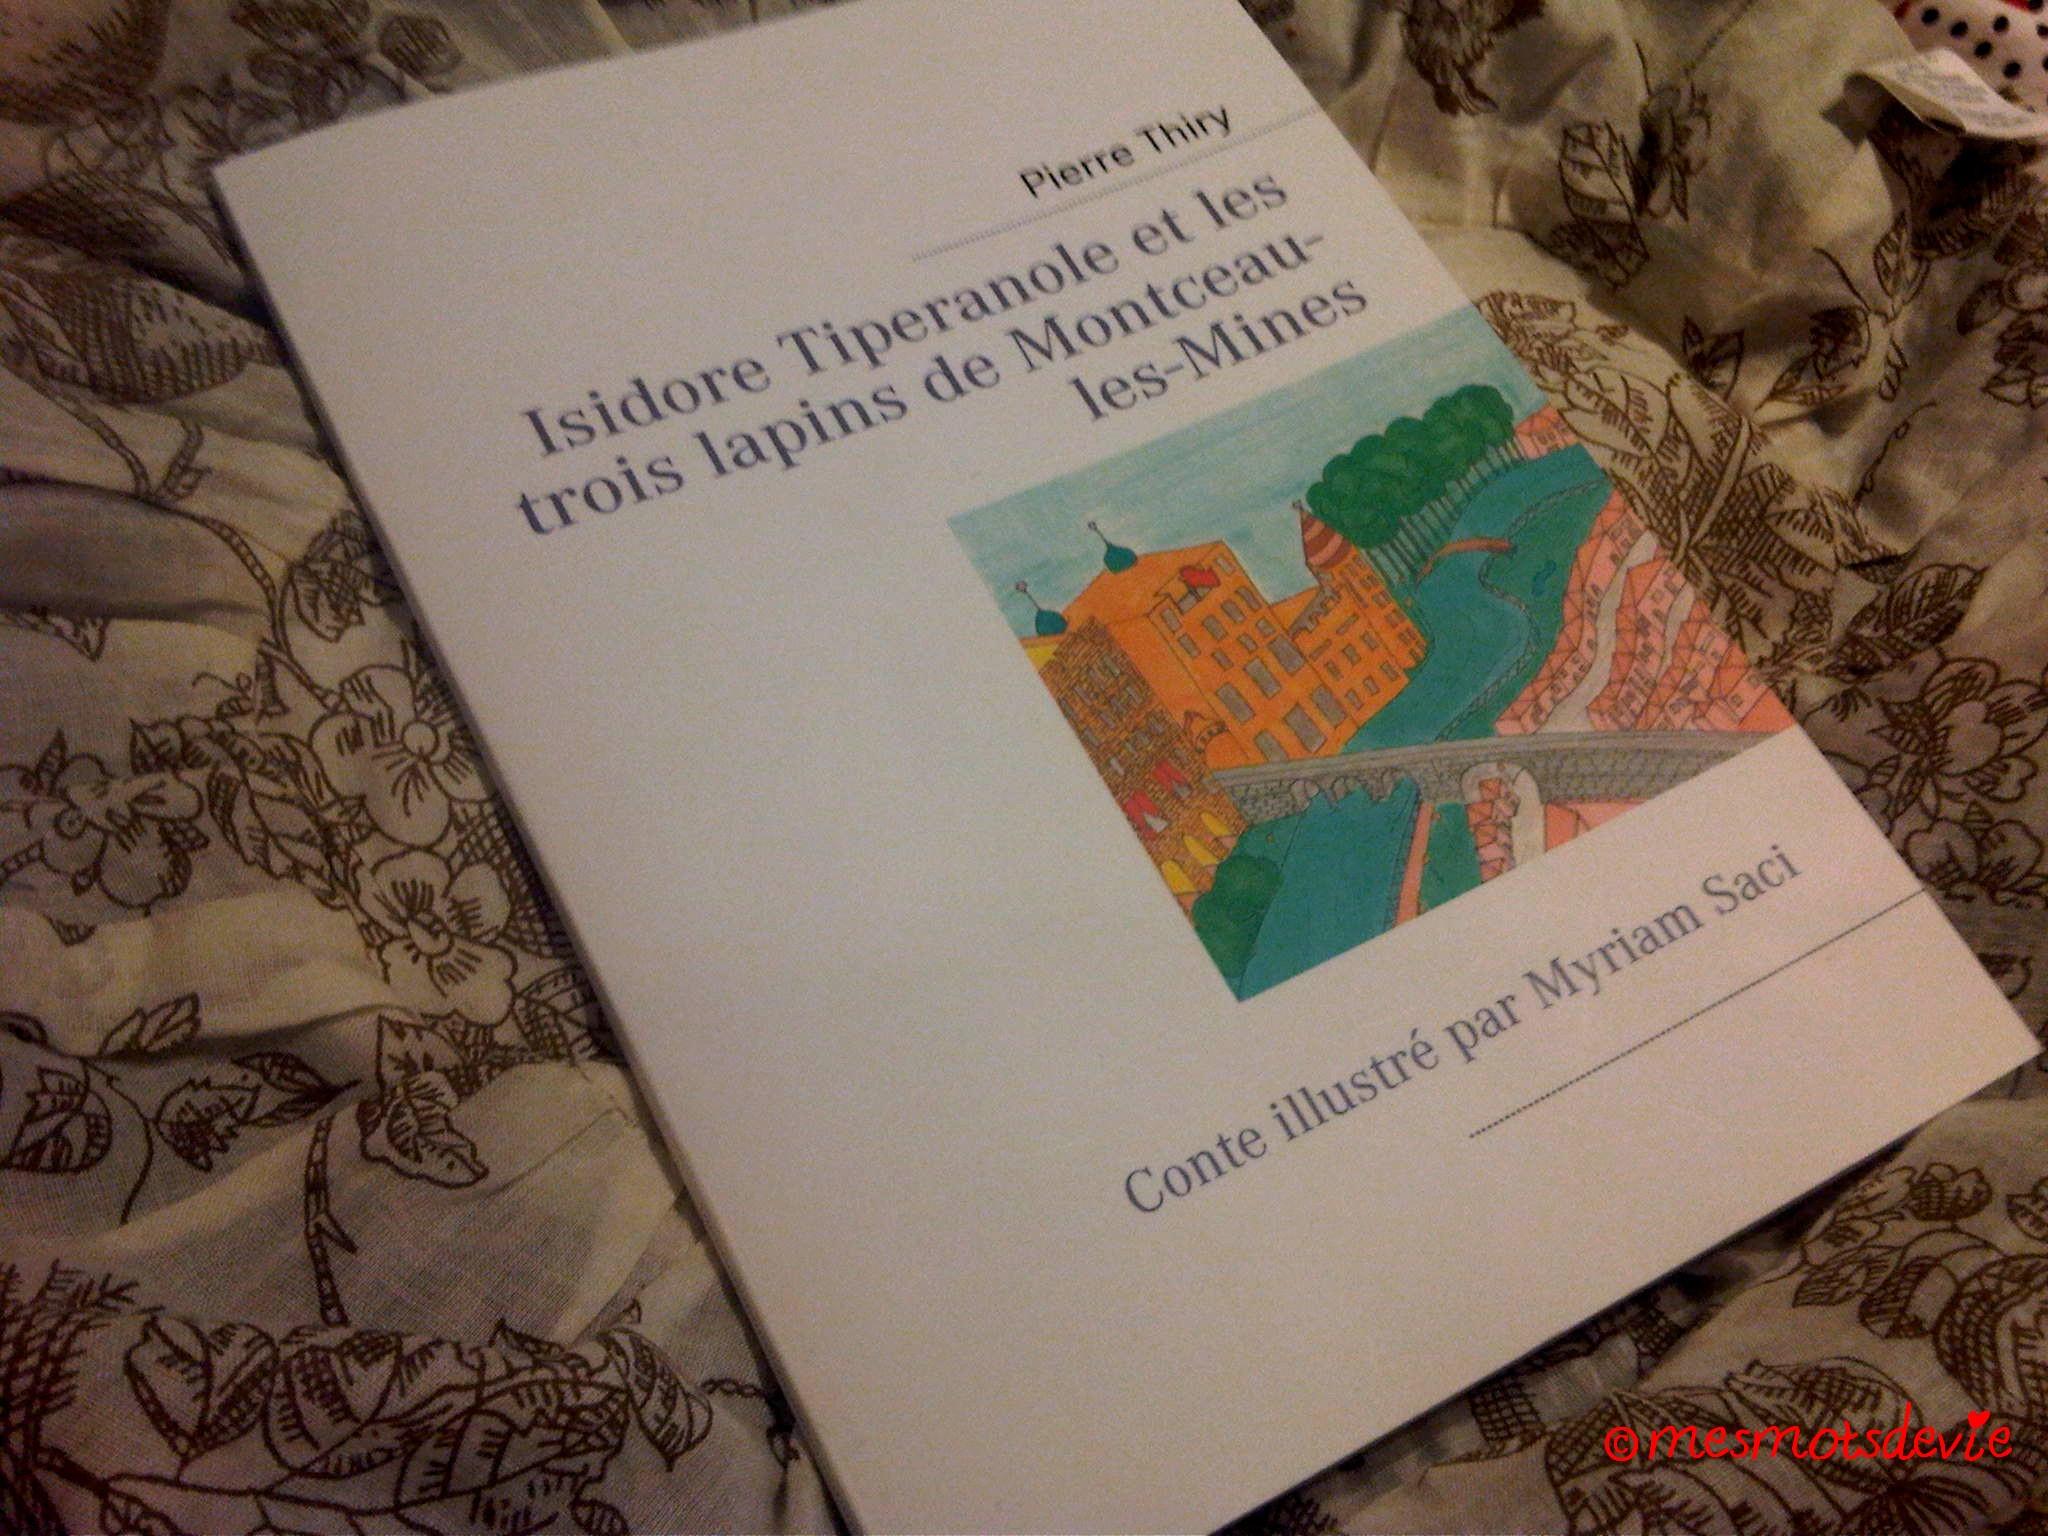 Isidore Tipéranole et les trois lapins de Montceau-les-Mines: Chronique Mes mots de vie…